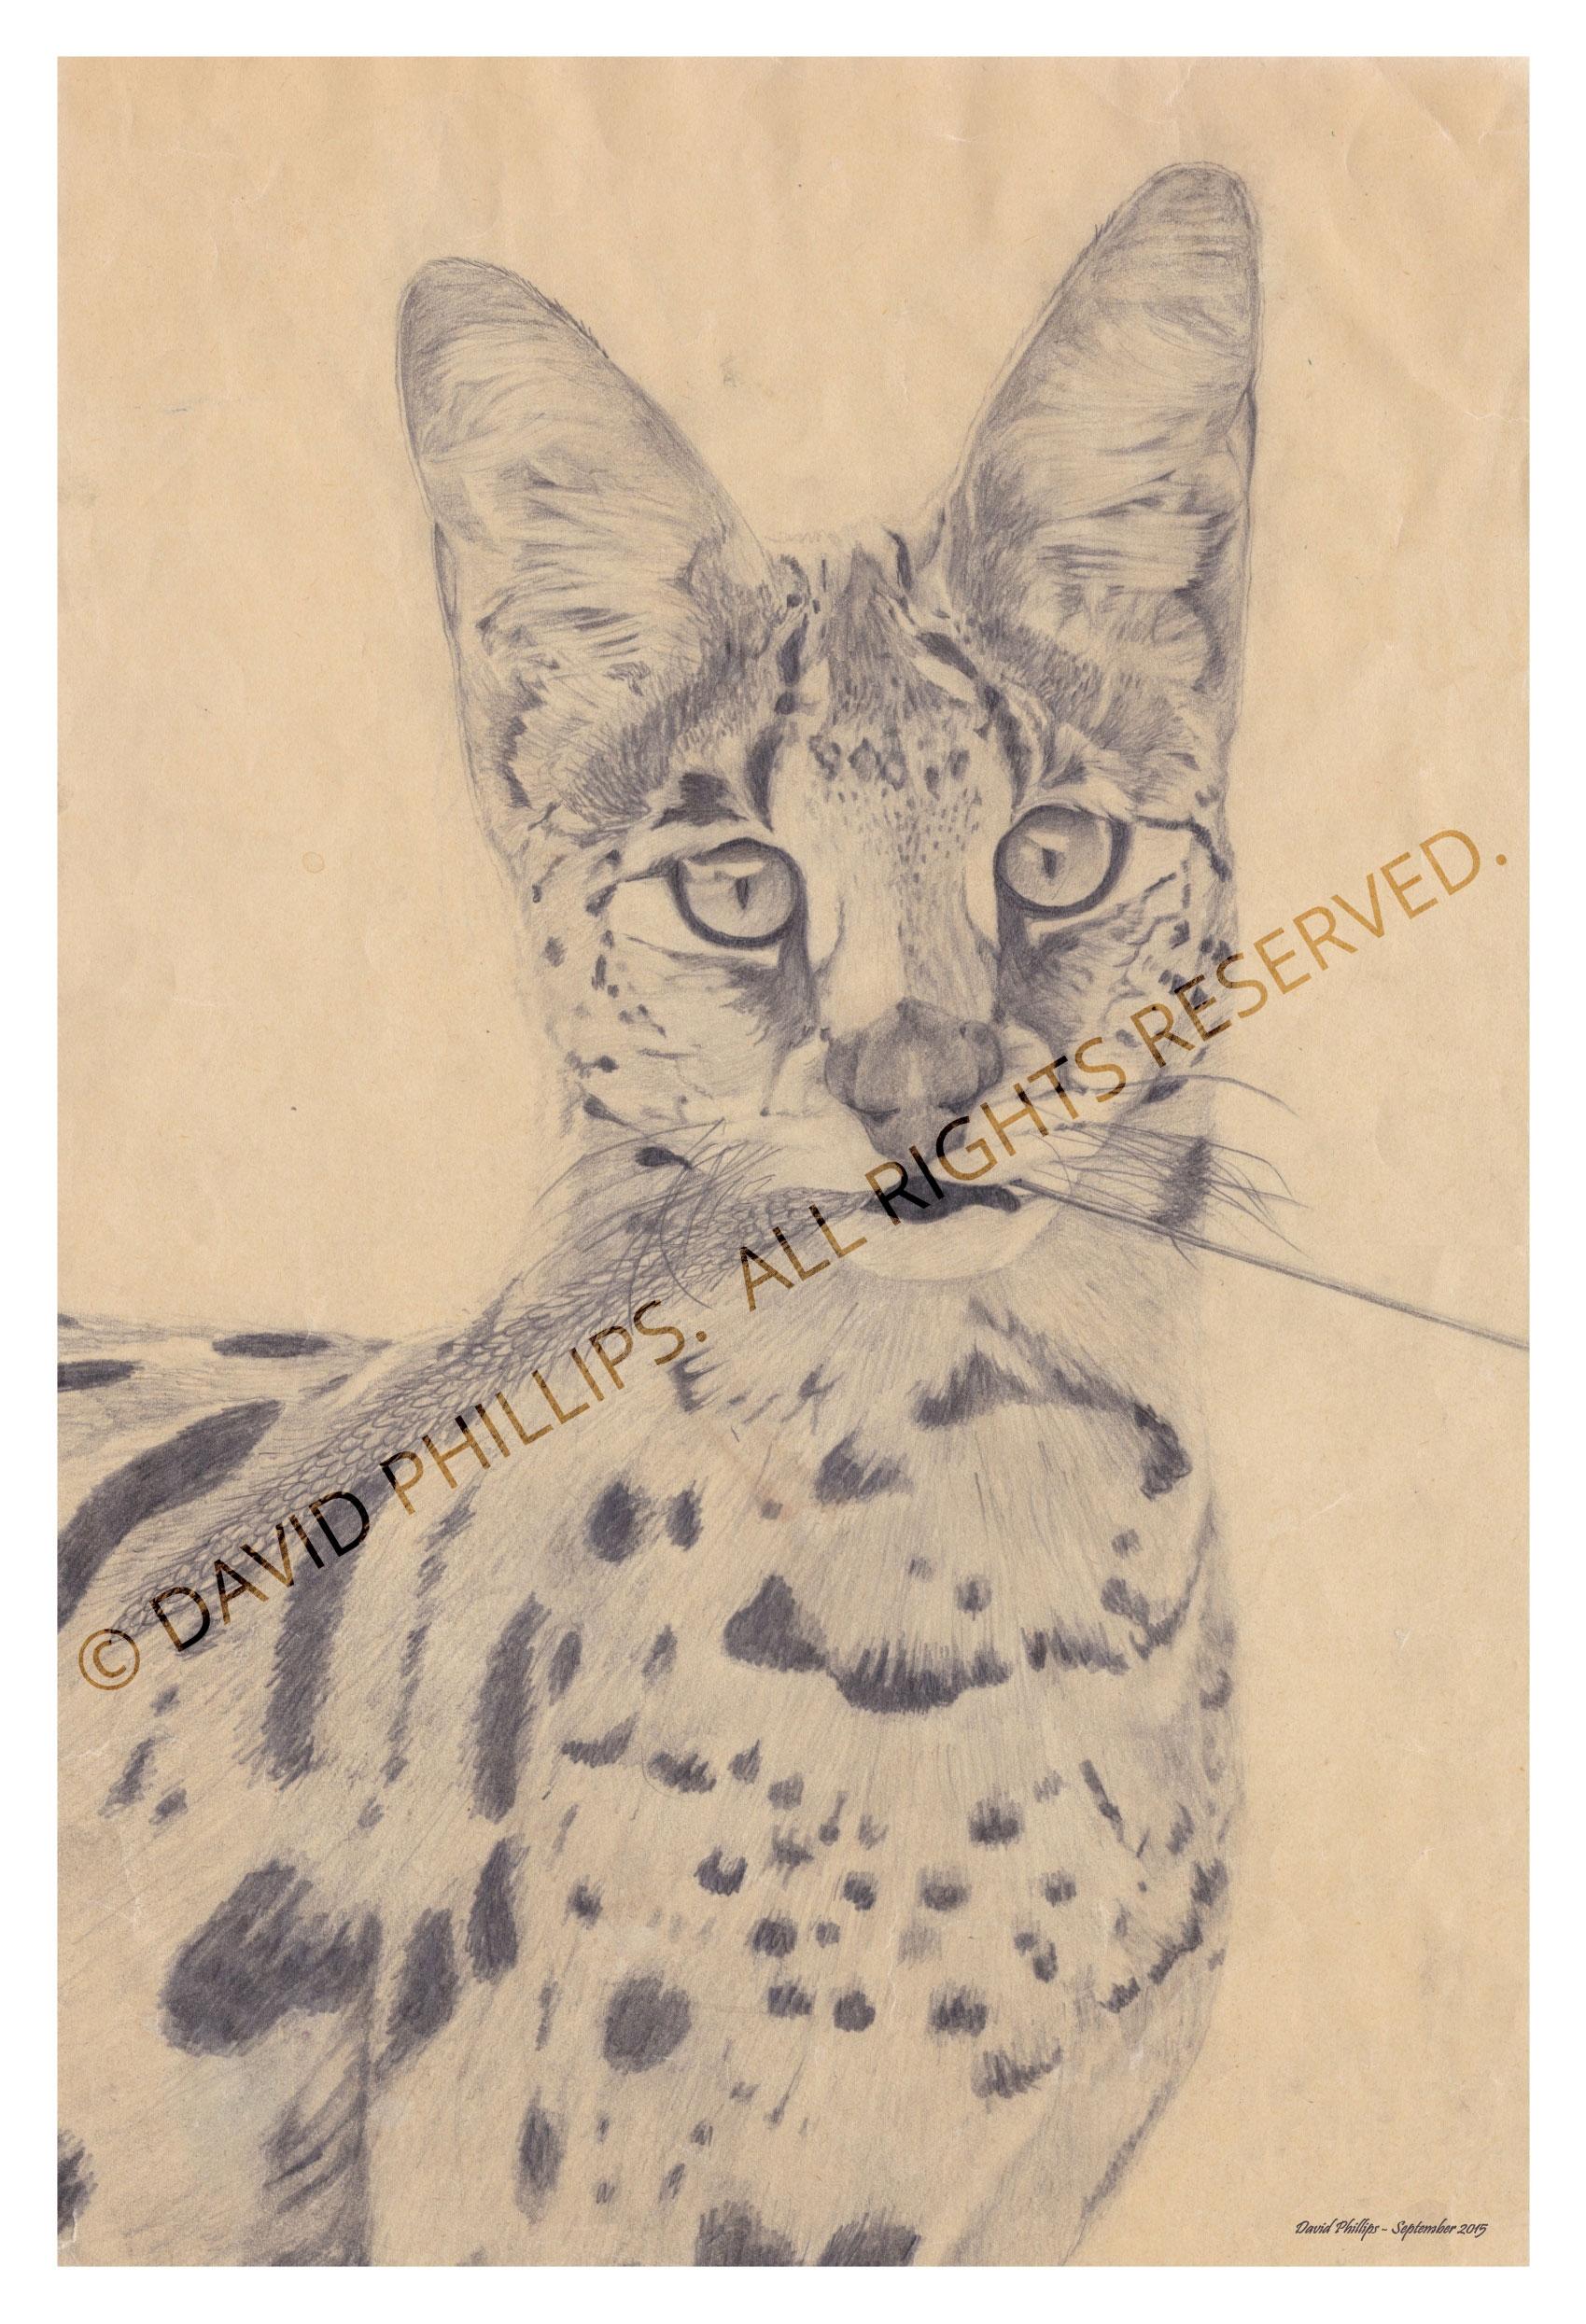 sketch of wild cat